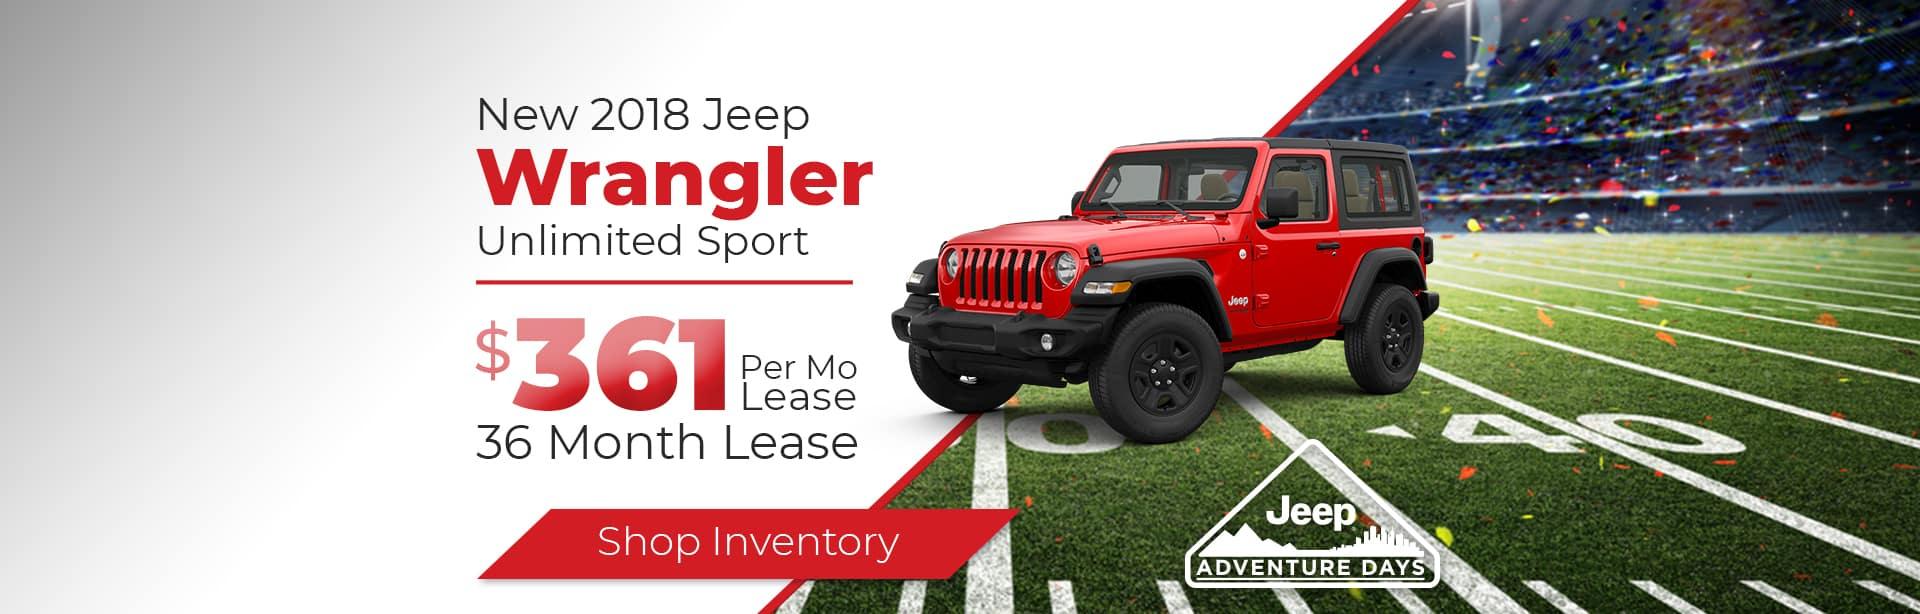 2018 Jeep Wrangler near Lafayette, Indiana